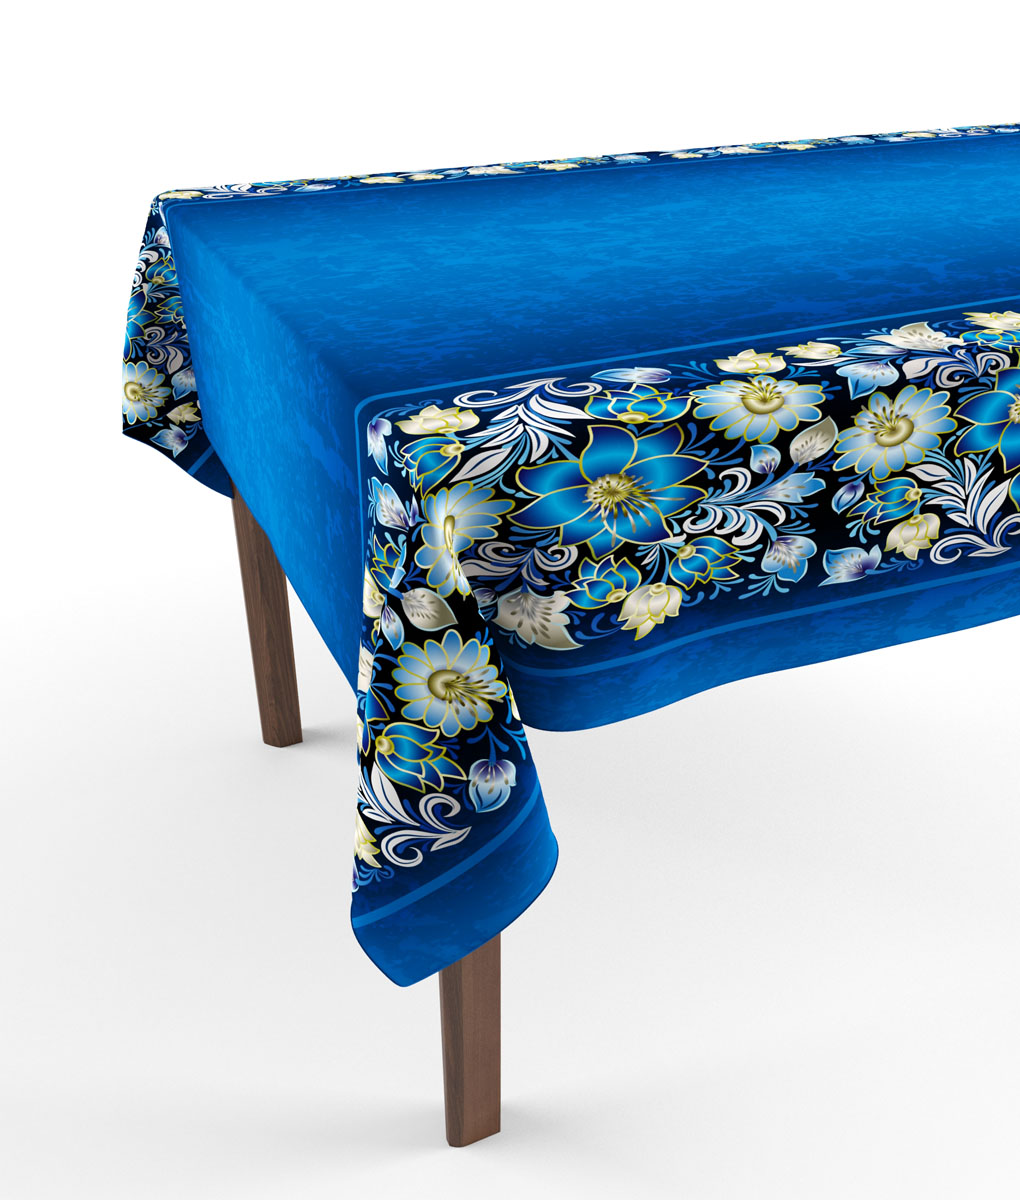 Скатерть Сирень Синие цветы, прямоугольная, 145 x 120 см639751_красныйПрямоугольная скатерть Сирень Синие цветы с ярким и объемным рисунком, выполненная из габардина, преобразит вашу кухню, визуально расширит пространство, создаст атмосферу радости и комфорта. Рекомендации по уходу: стирка при 30 градусах, гладить при температуре до 110 градусов.Размер скатерти: 145 х 120 см. Изображение может немного отличаться от реального.